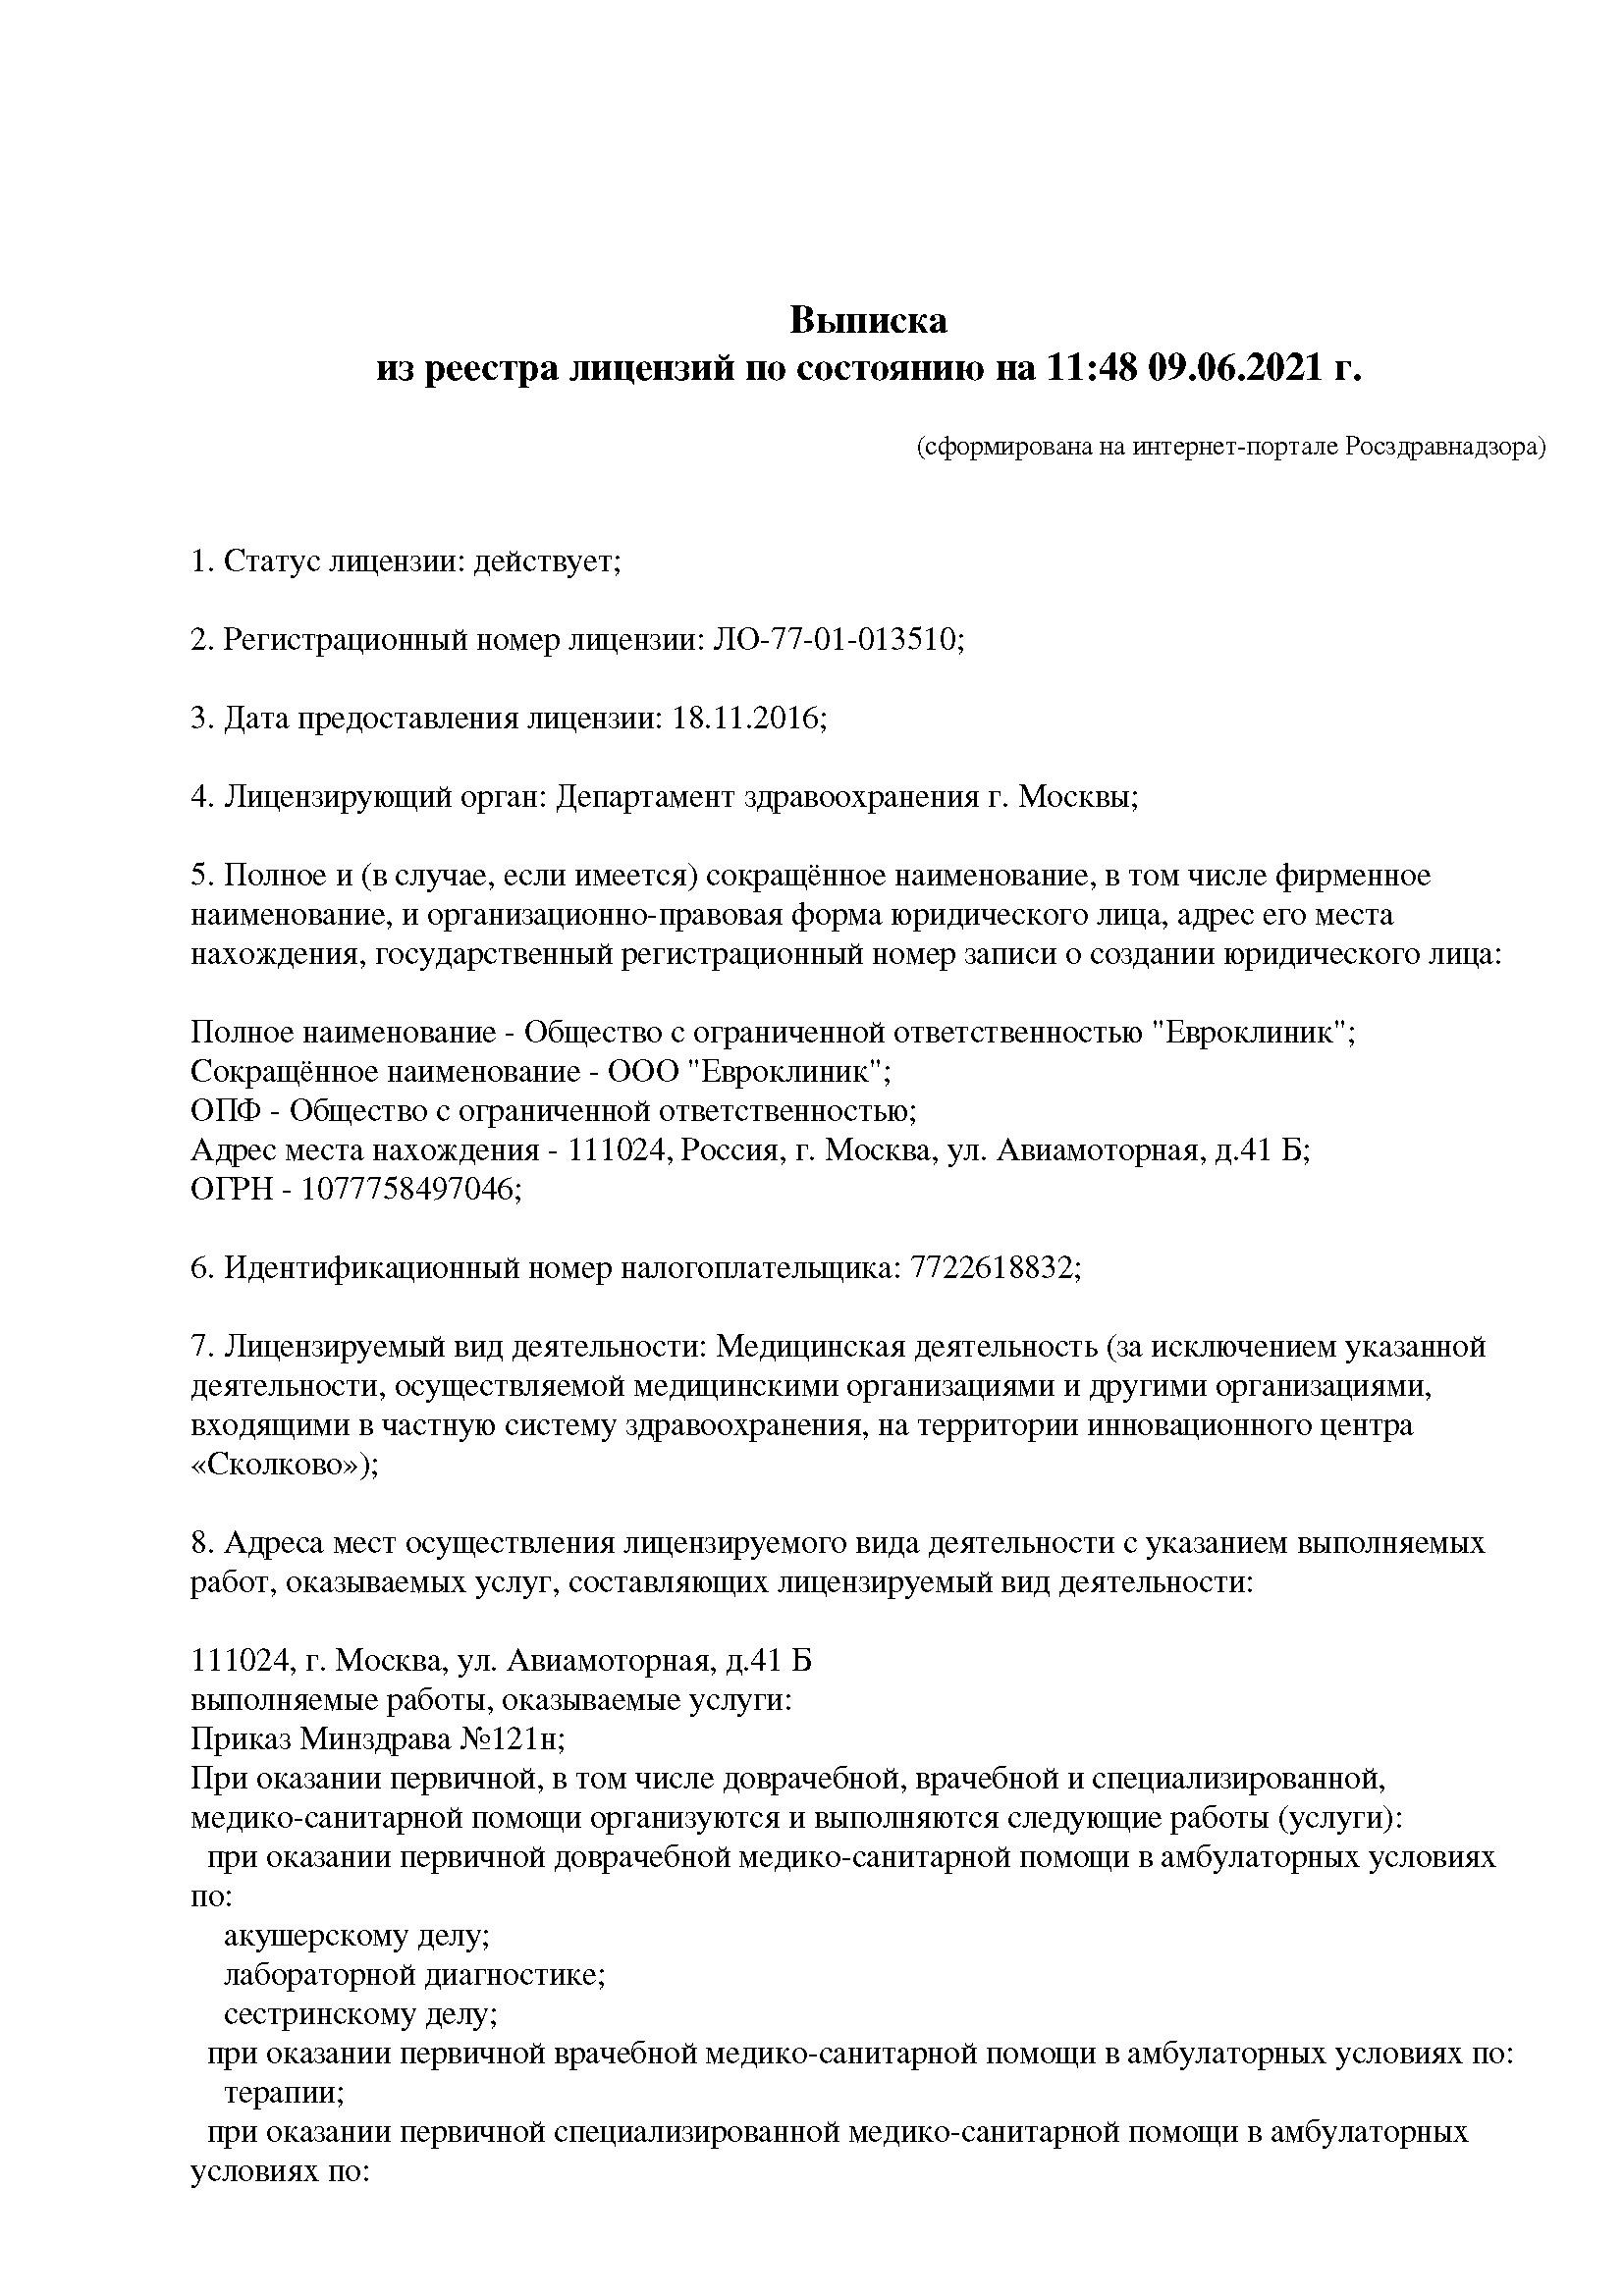 Выписка из реестра ООО «Евроклиник» - страница 1